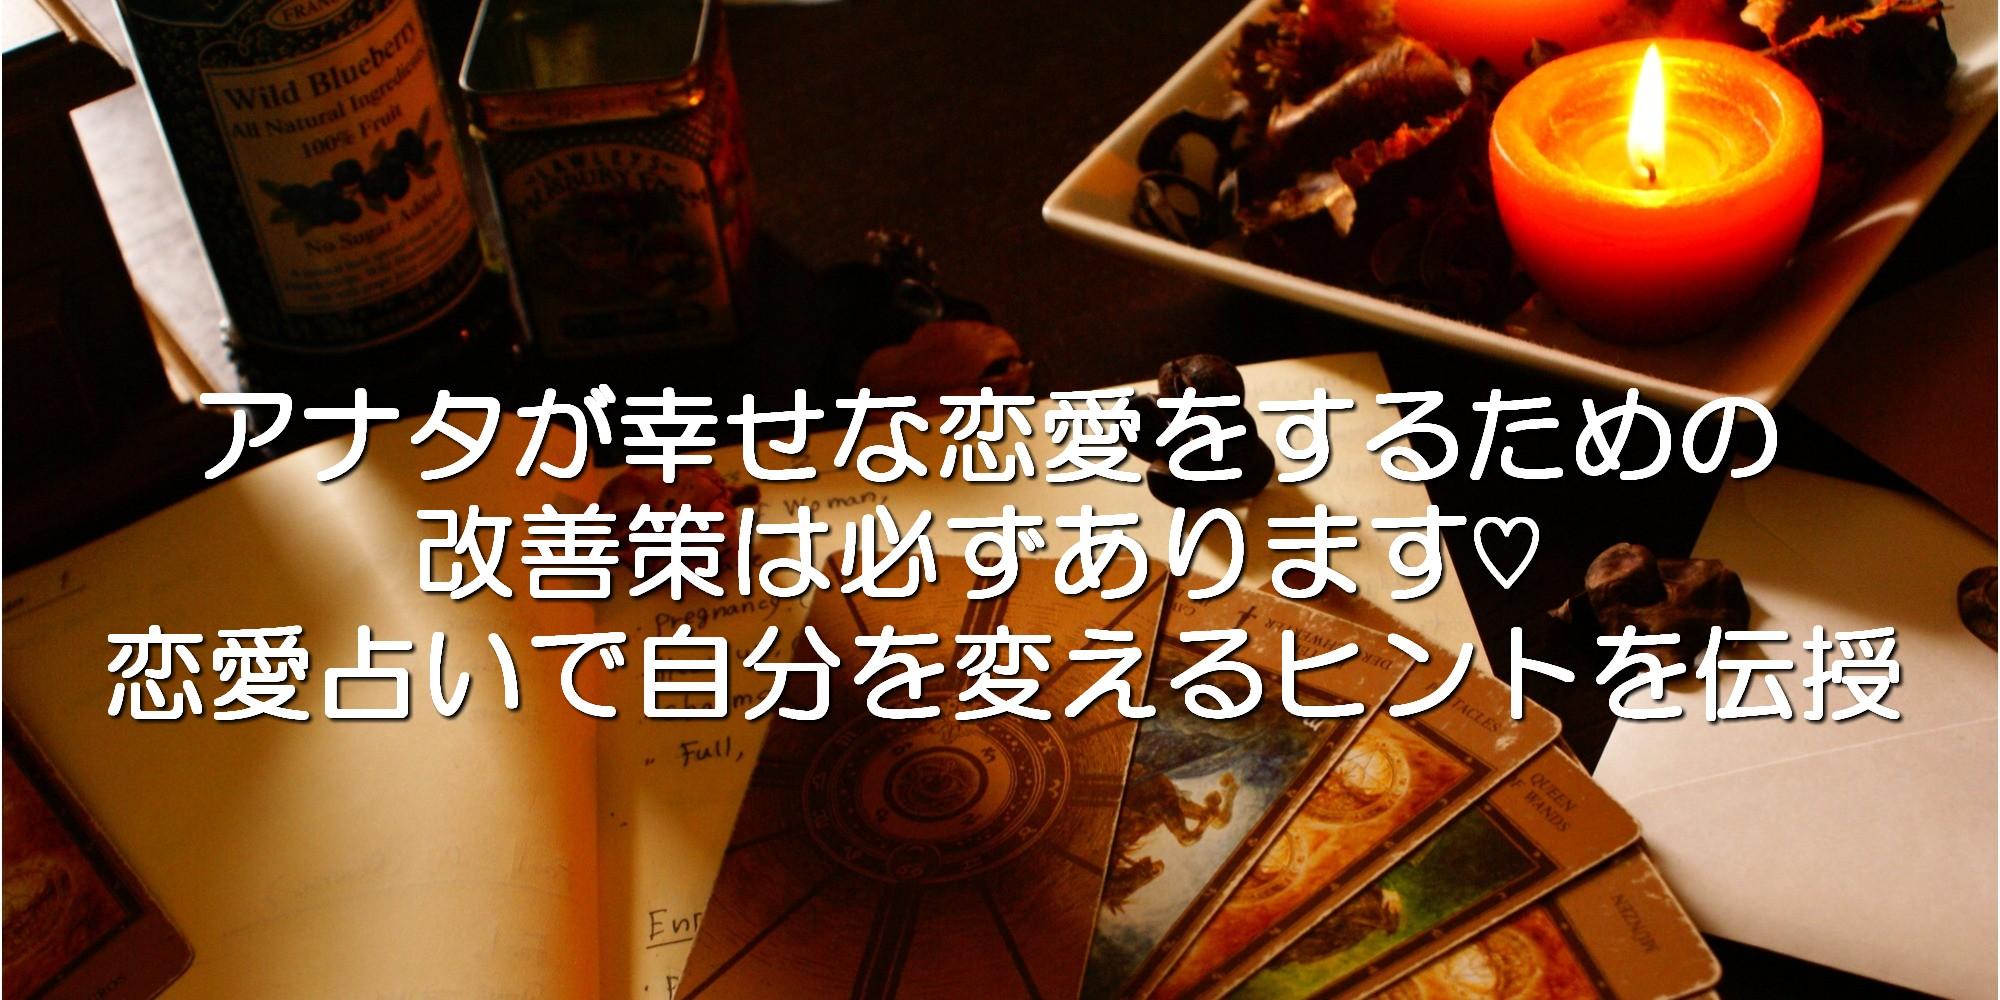 東京渋谷の恋愛占いなら復縁・不倫・片想い・出会い・恋愛・結婚に強いタロット占い師が勢ぞろいの占い館ビーカフェにお任せ!東京渋谷で当たると評判の本物の実力派占い師が丁寧に対応します。